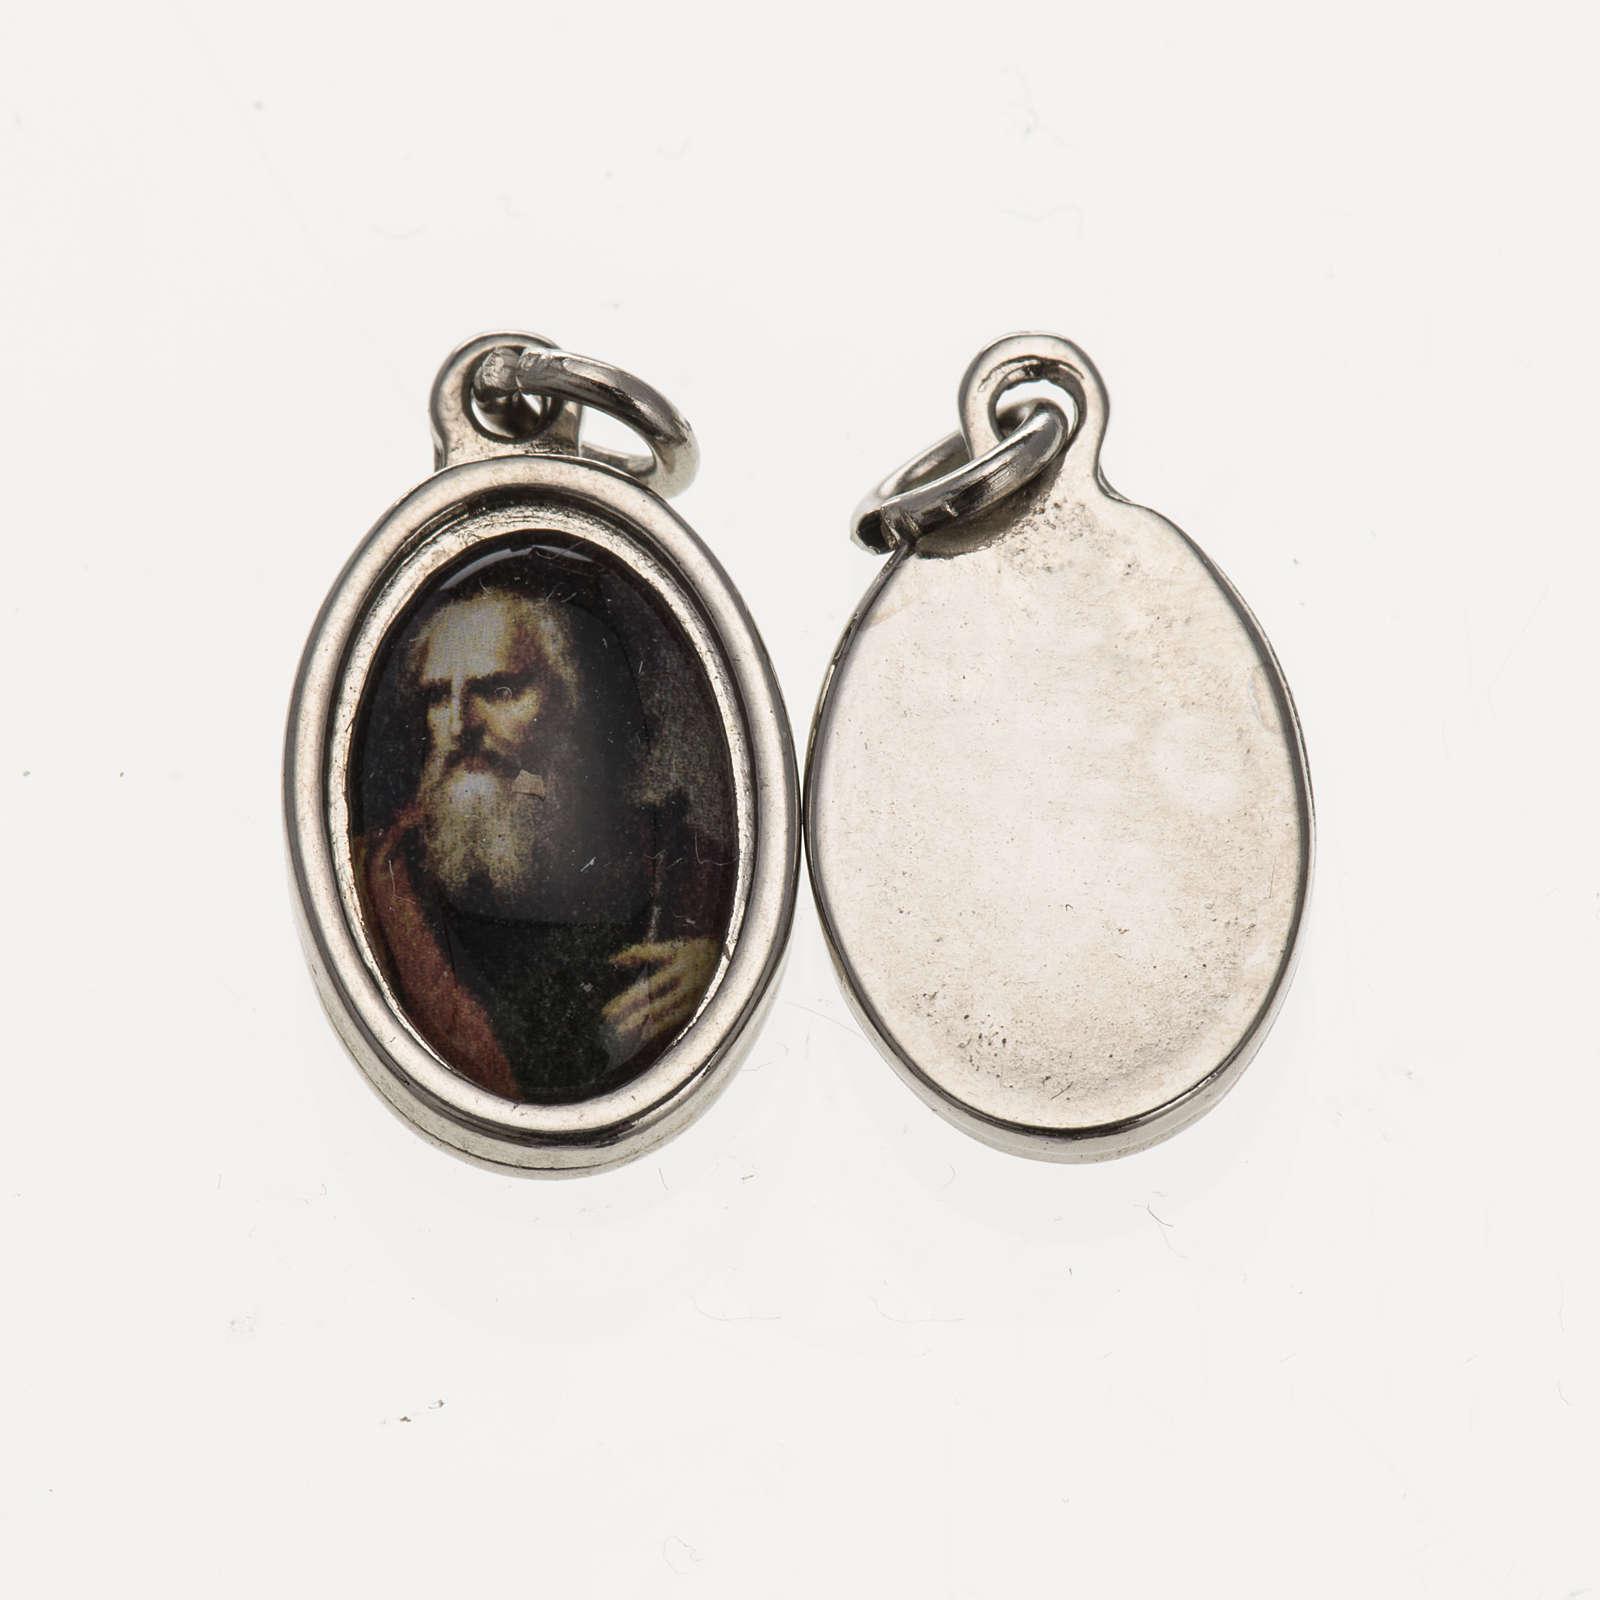 Medaglia S. Paolo volto - metallo argentato resina 1,5x1 cm 4